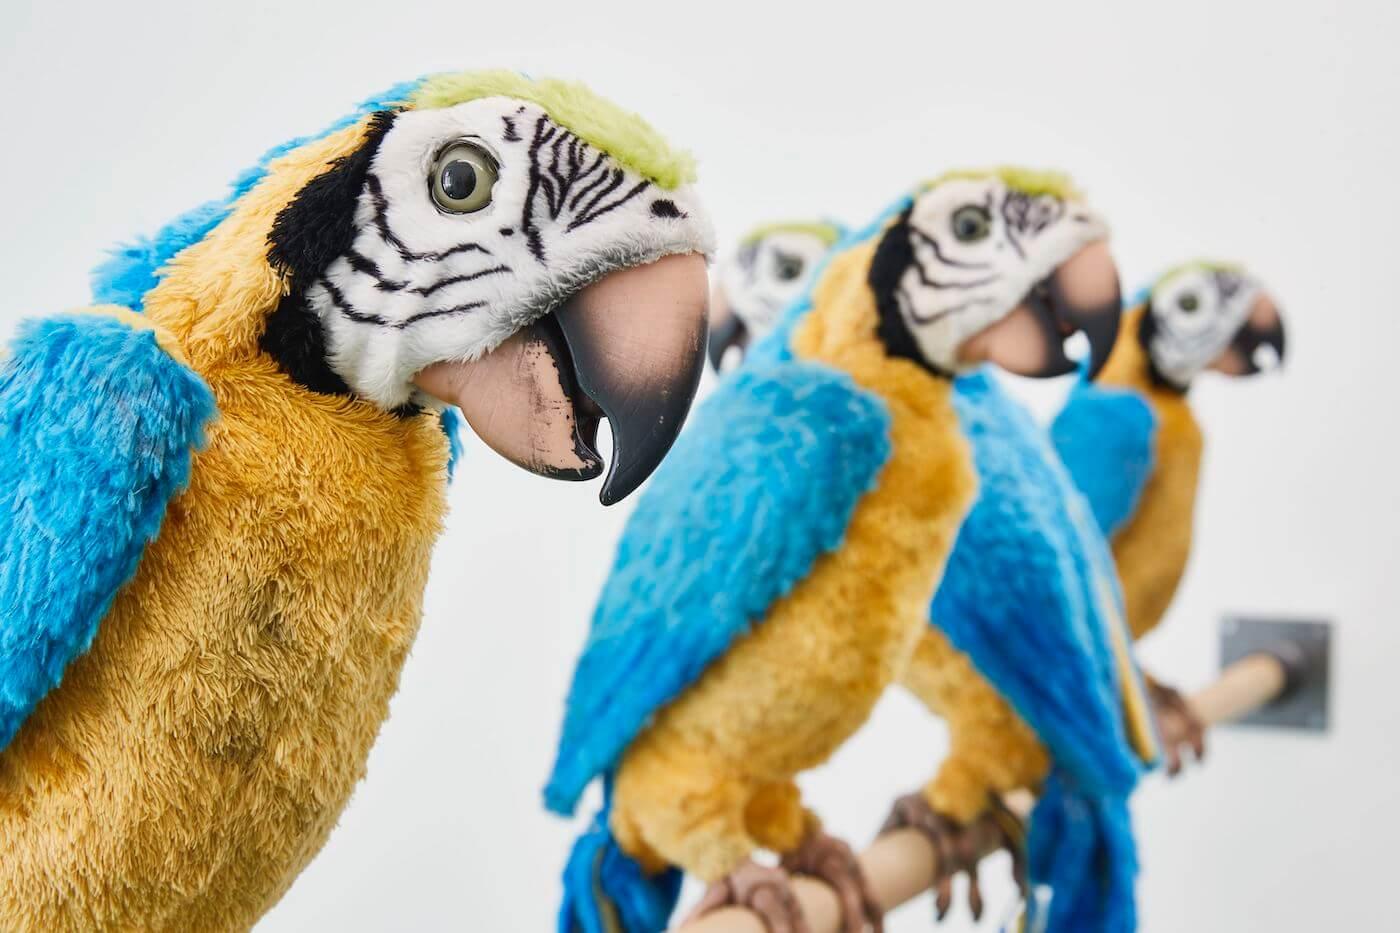 """""""Dirty Parrots"""", Detail, 2018, Refugium für aussortierte Roboterpapageien, dreiteilig, jeweils 324 x 20 x 50 cm, Gesamtgröße variabel, diverse Materialien, Foto: Volker Renner, Courtesy der Künstler, Galerie Noah Klink und Jürgen Becker Galerie"""